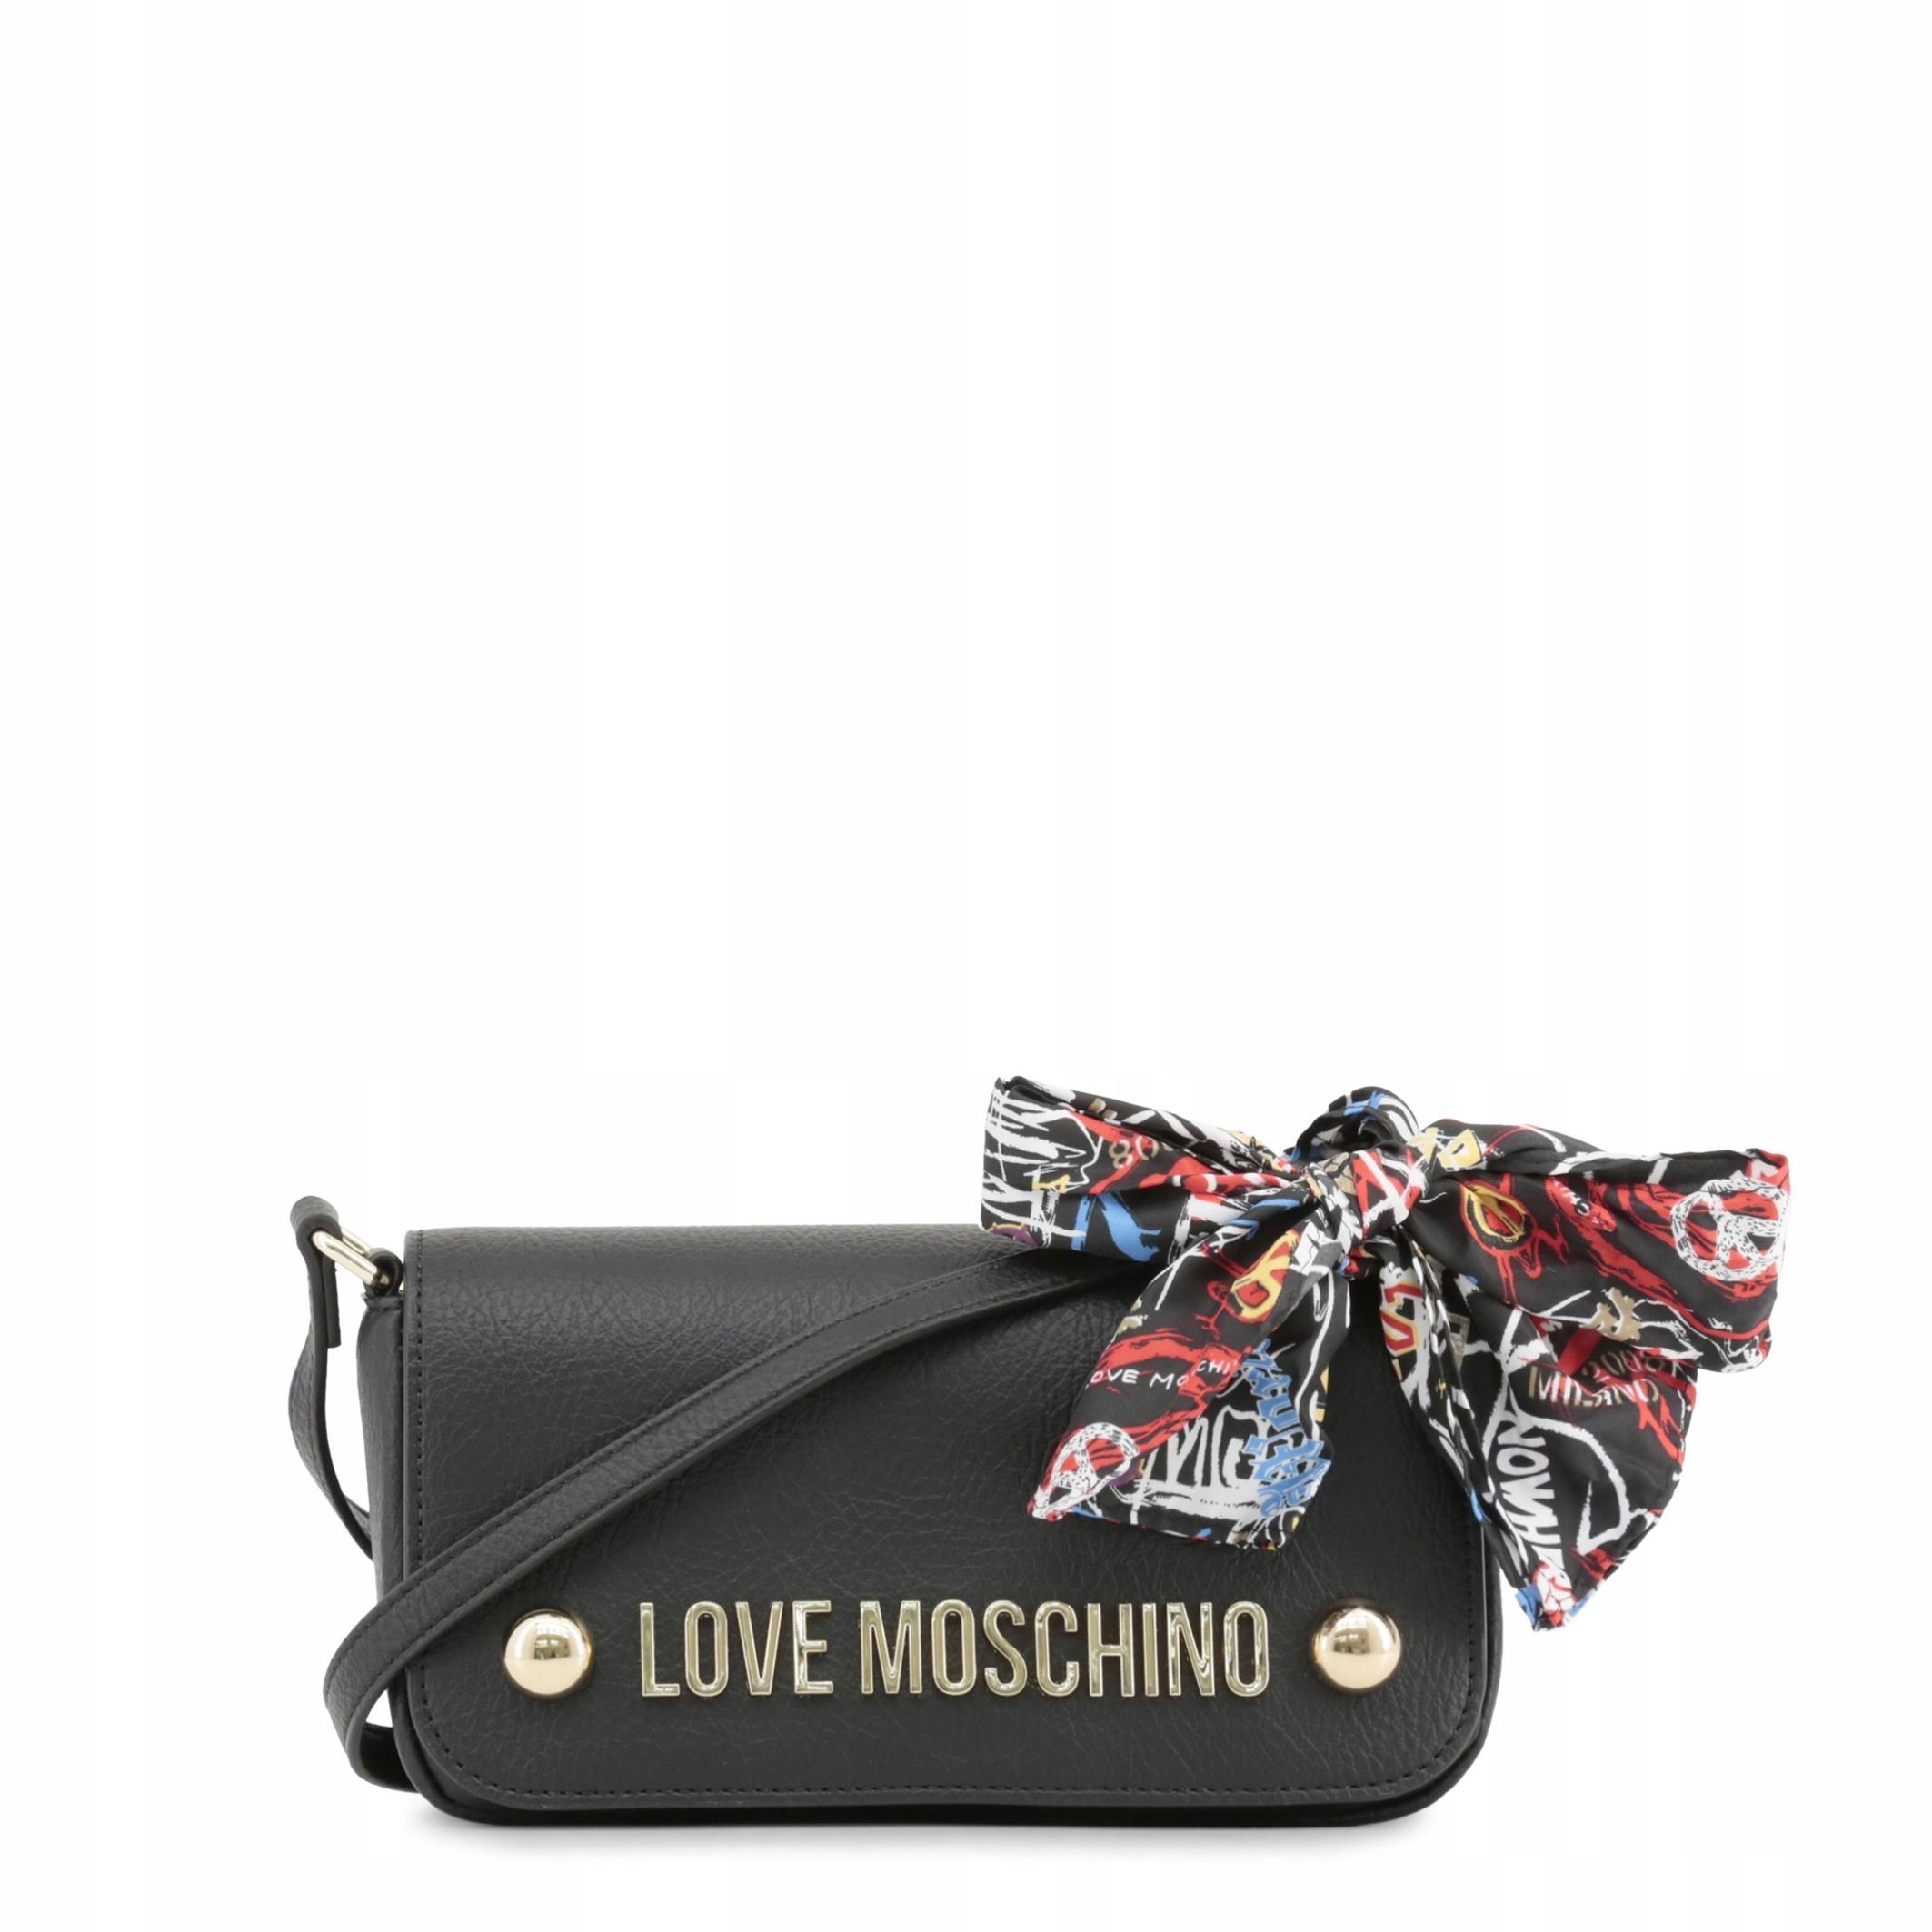 6a265389f68d0 Torebki wizytowe Love Moschino w Oficjalnym Archiwum Allegro - archiwum  ofert